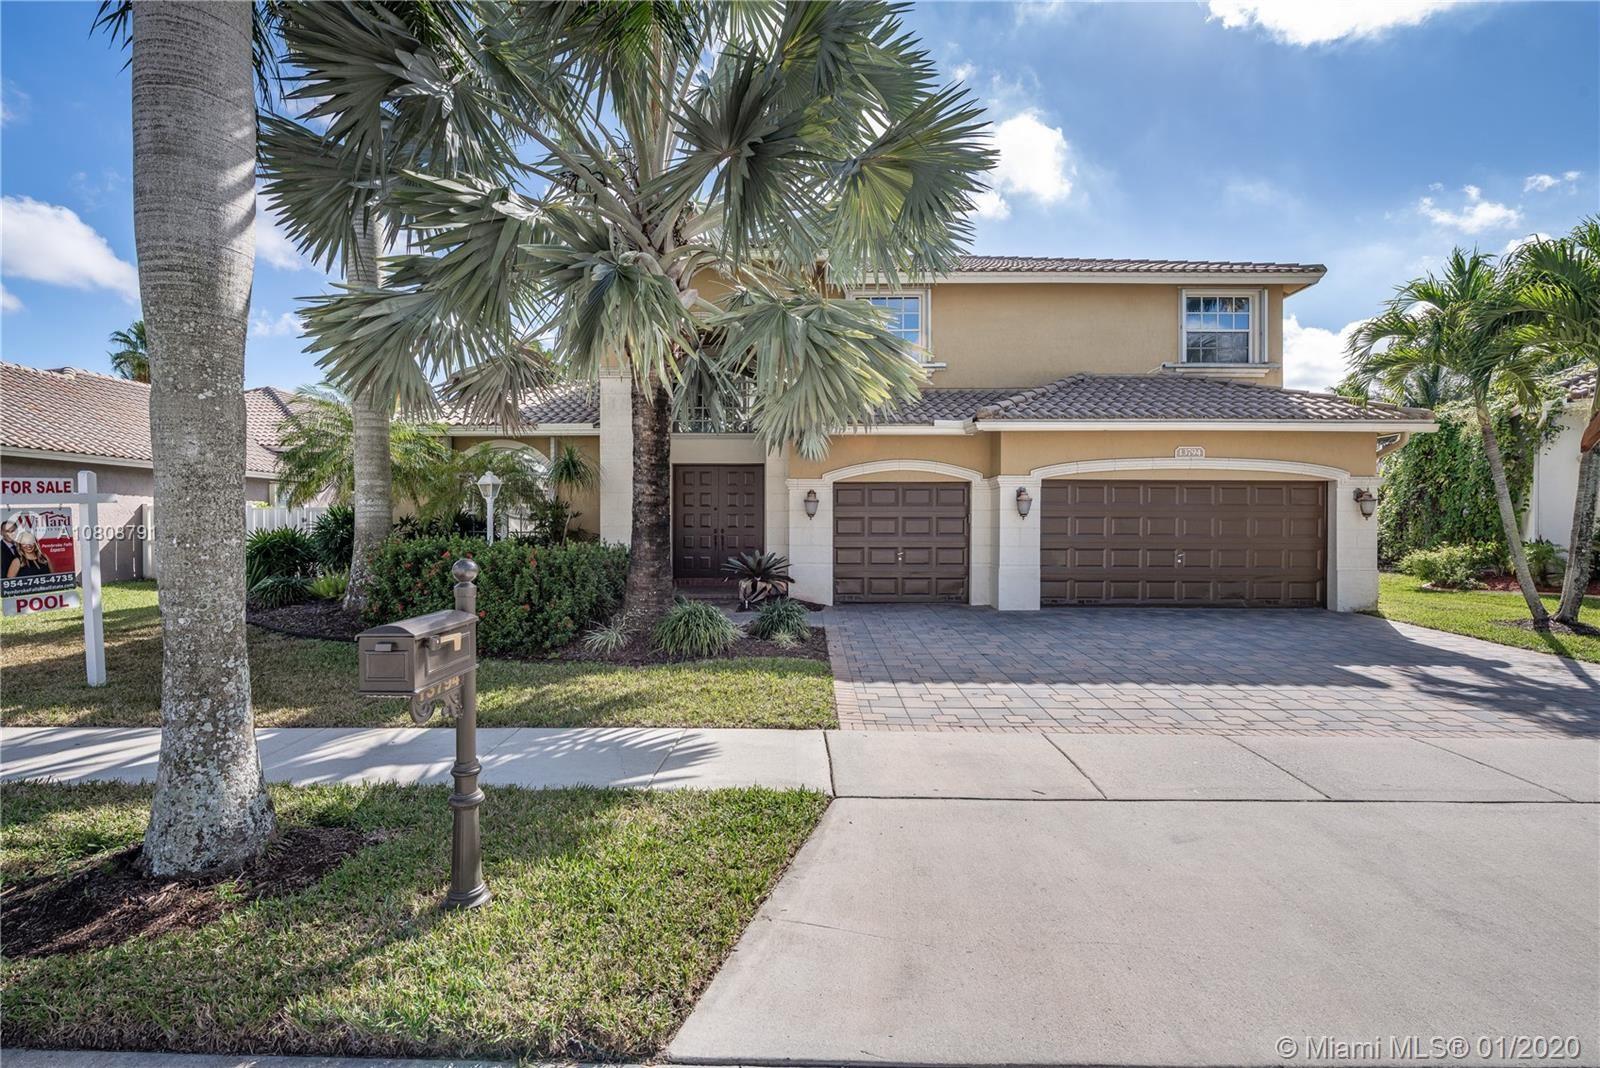 13794 NW 19th St, Pembroke Pines, FL 33028 - #: A10808791